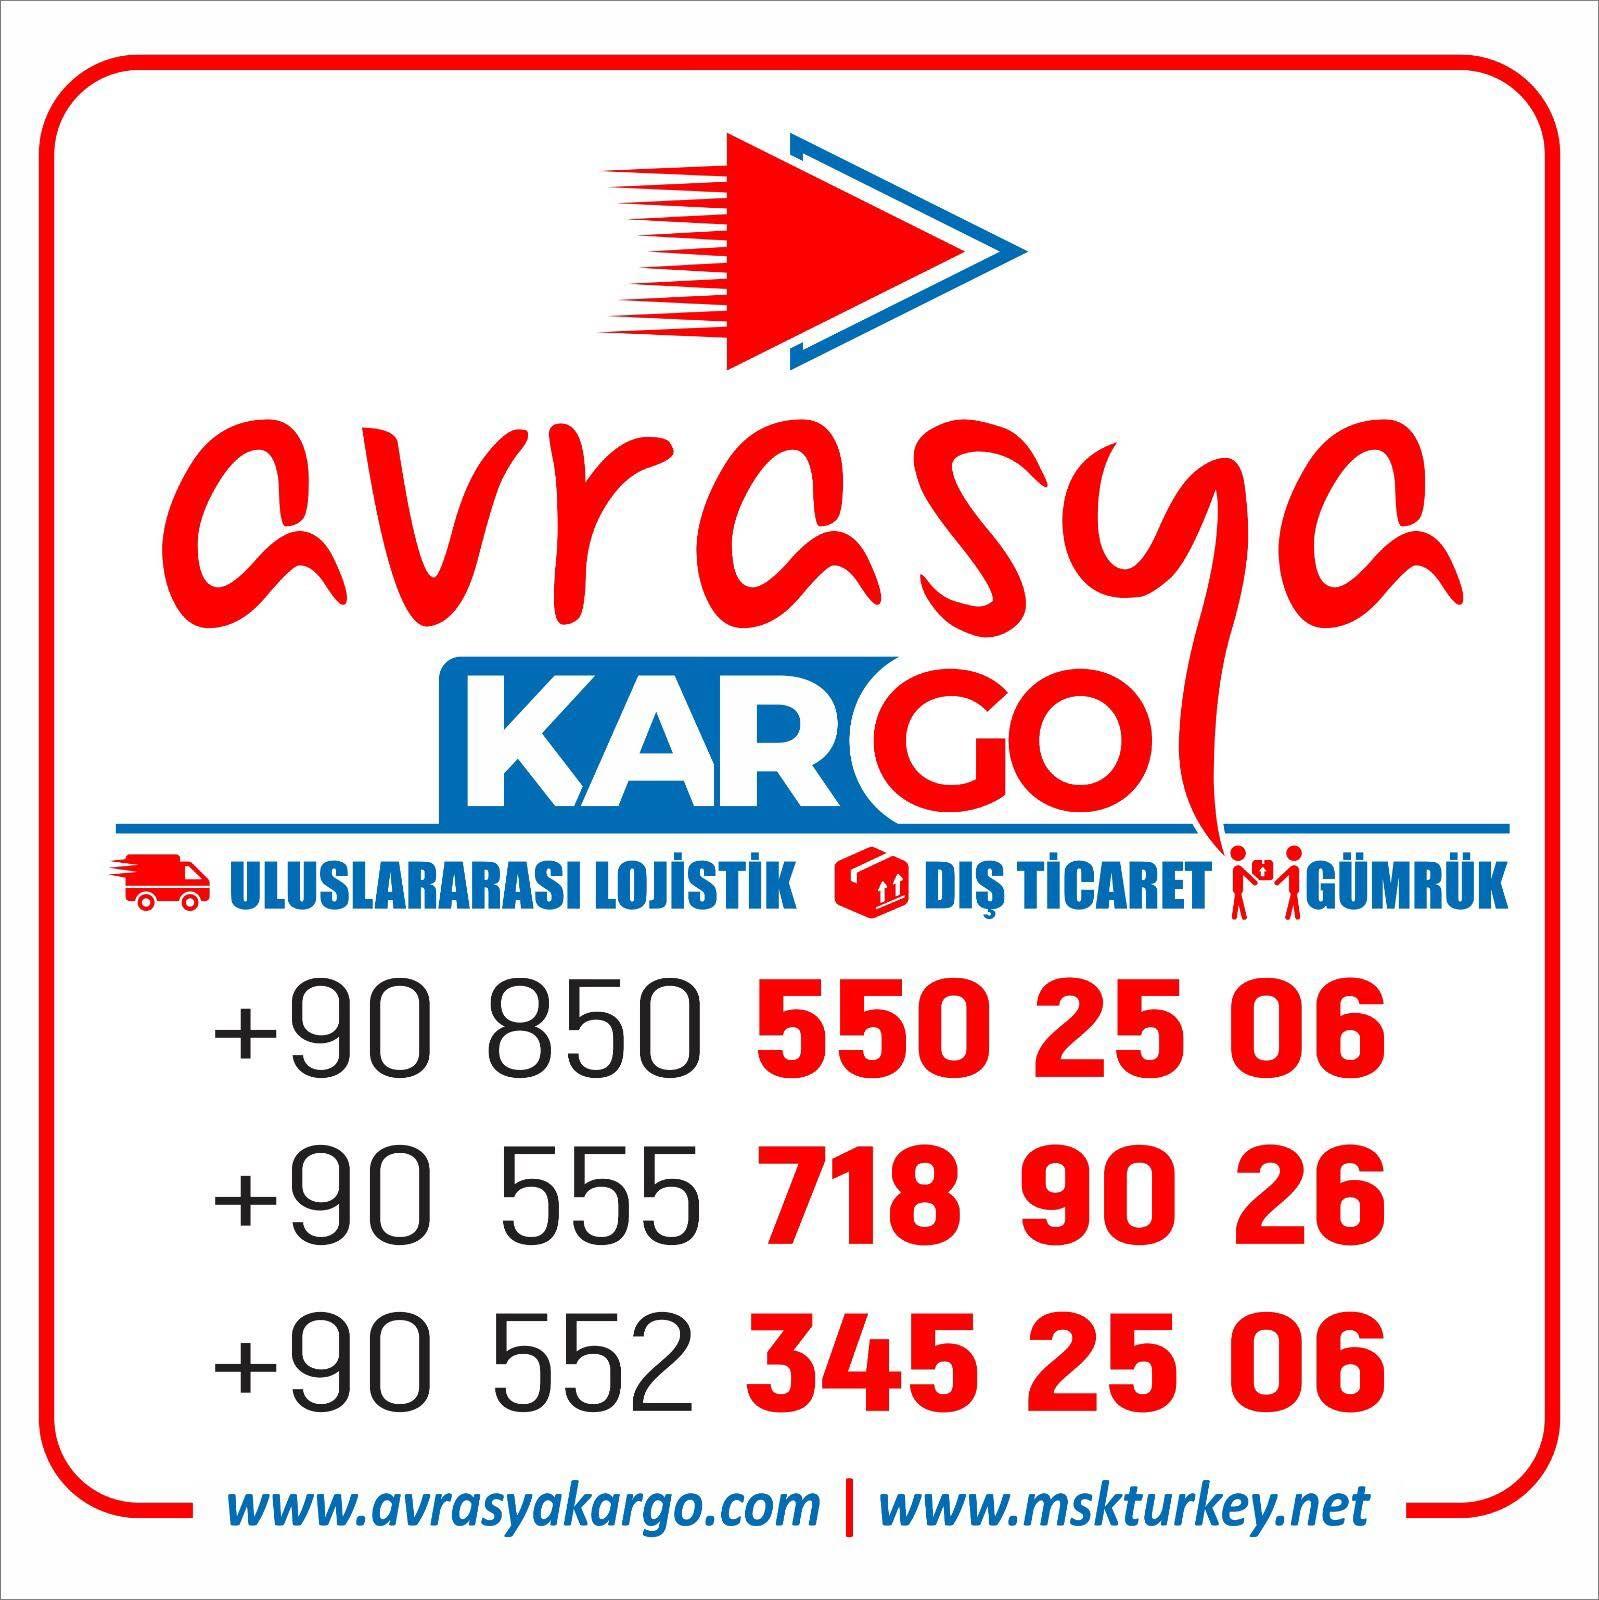 Avrasya Kargo